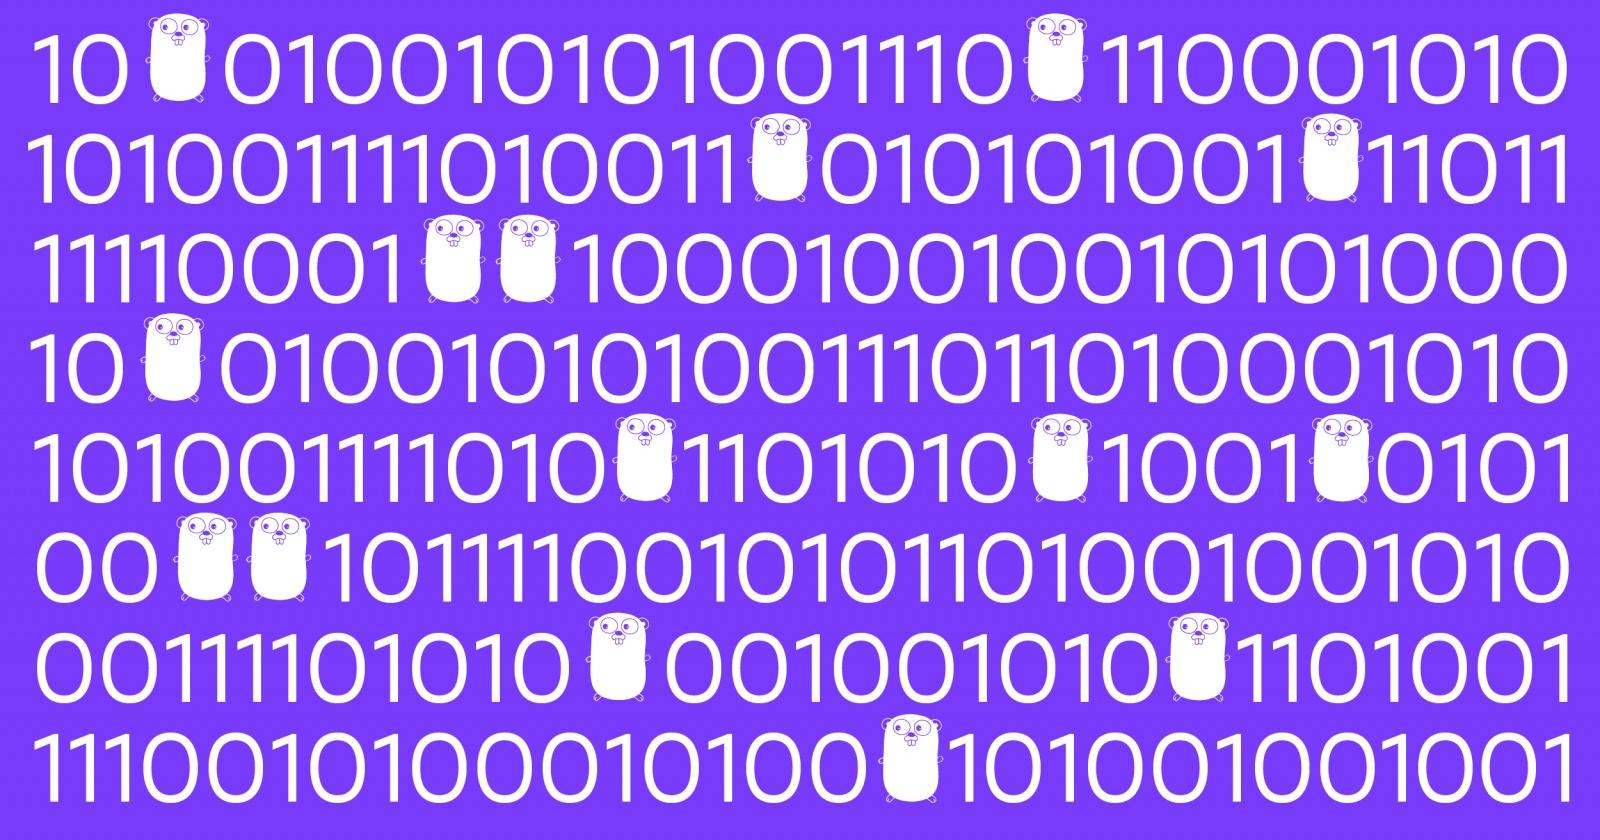 Bitmap-индексы в Go: поиск на дикой скорости - 1